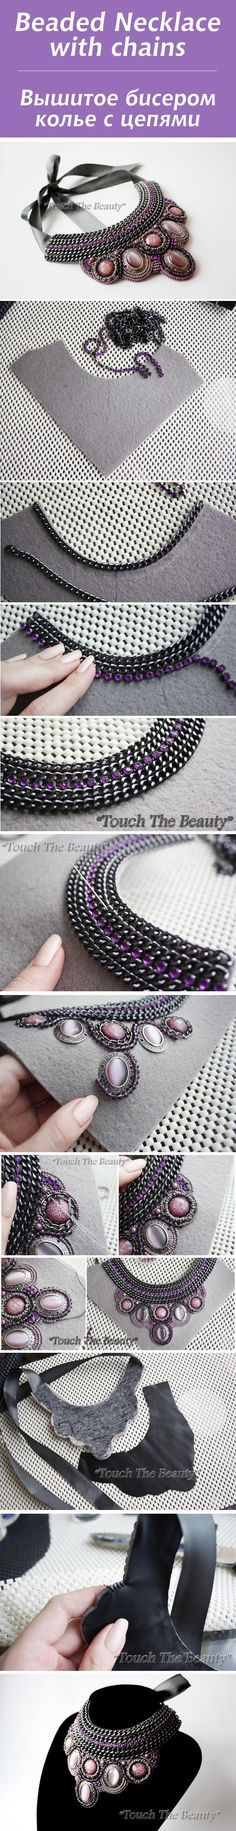 Вышитое бисером колье с цепями / Beaded Necklace with chains  #bead  #tutorial